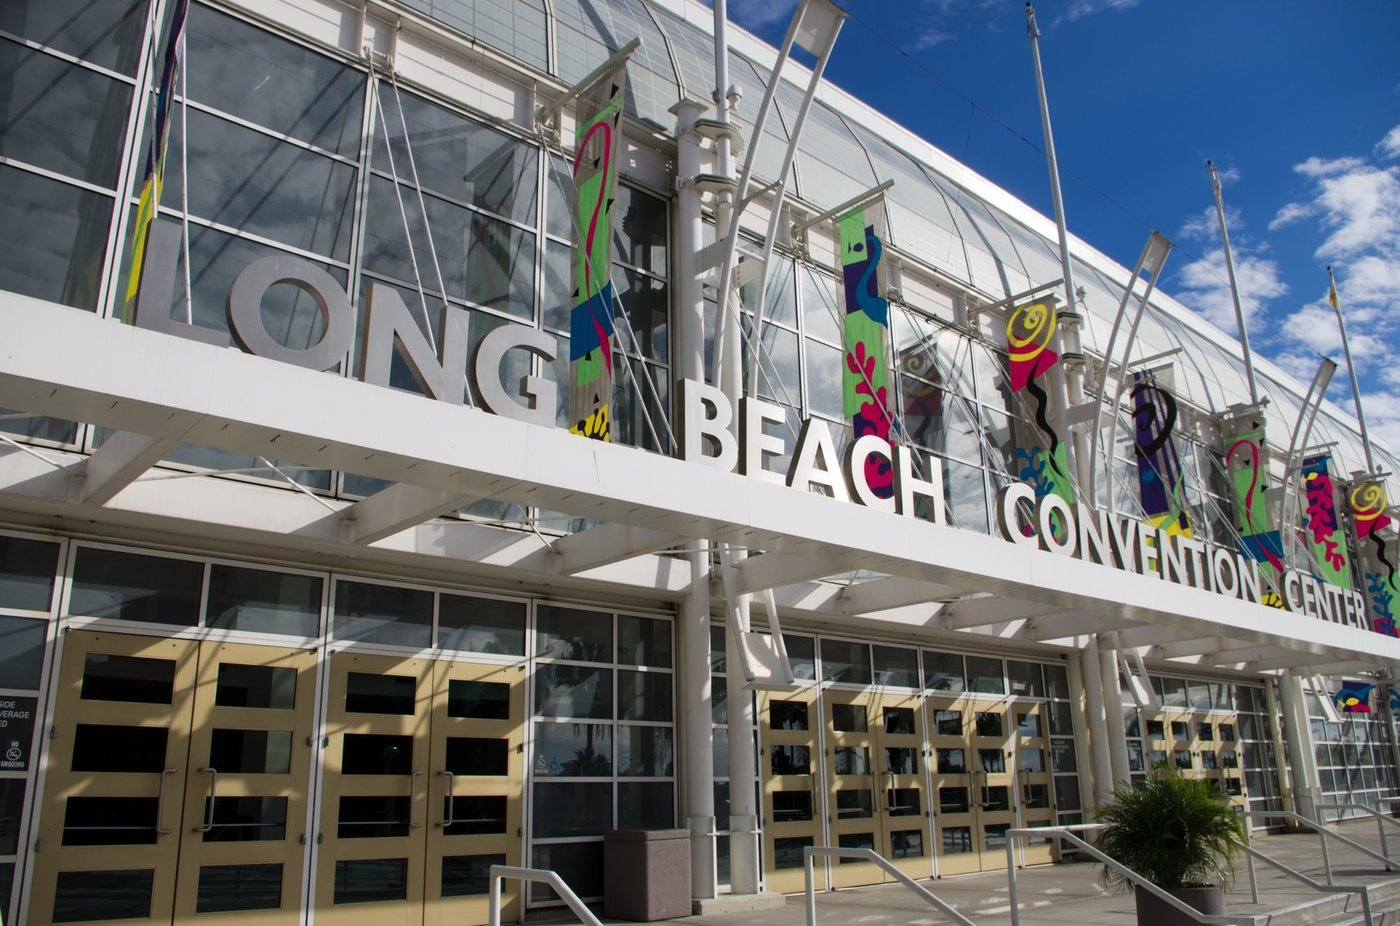 Long Beach Imaging Center